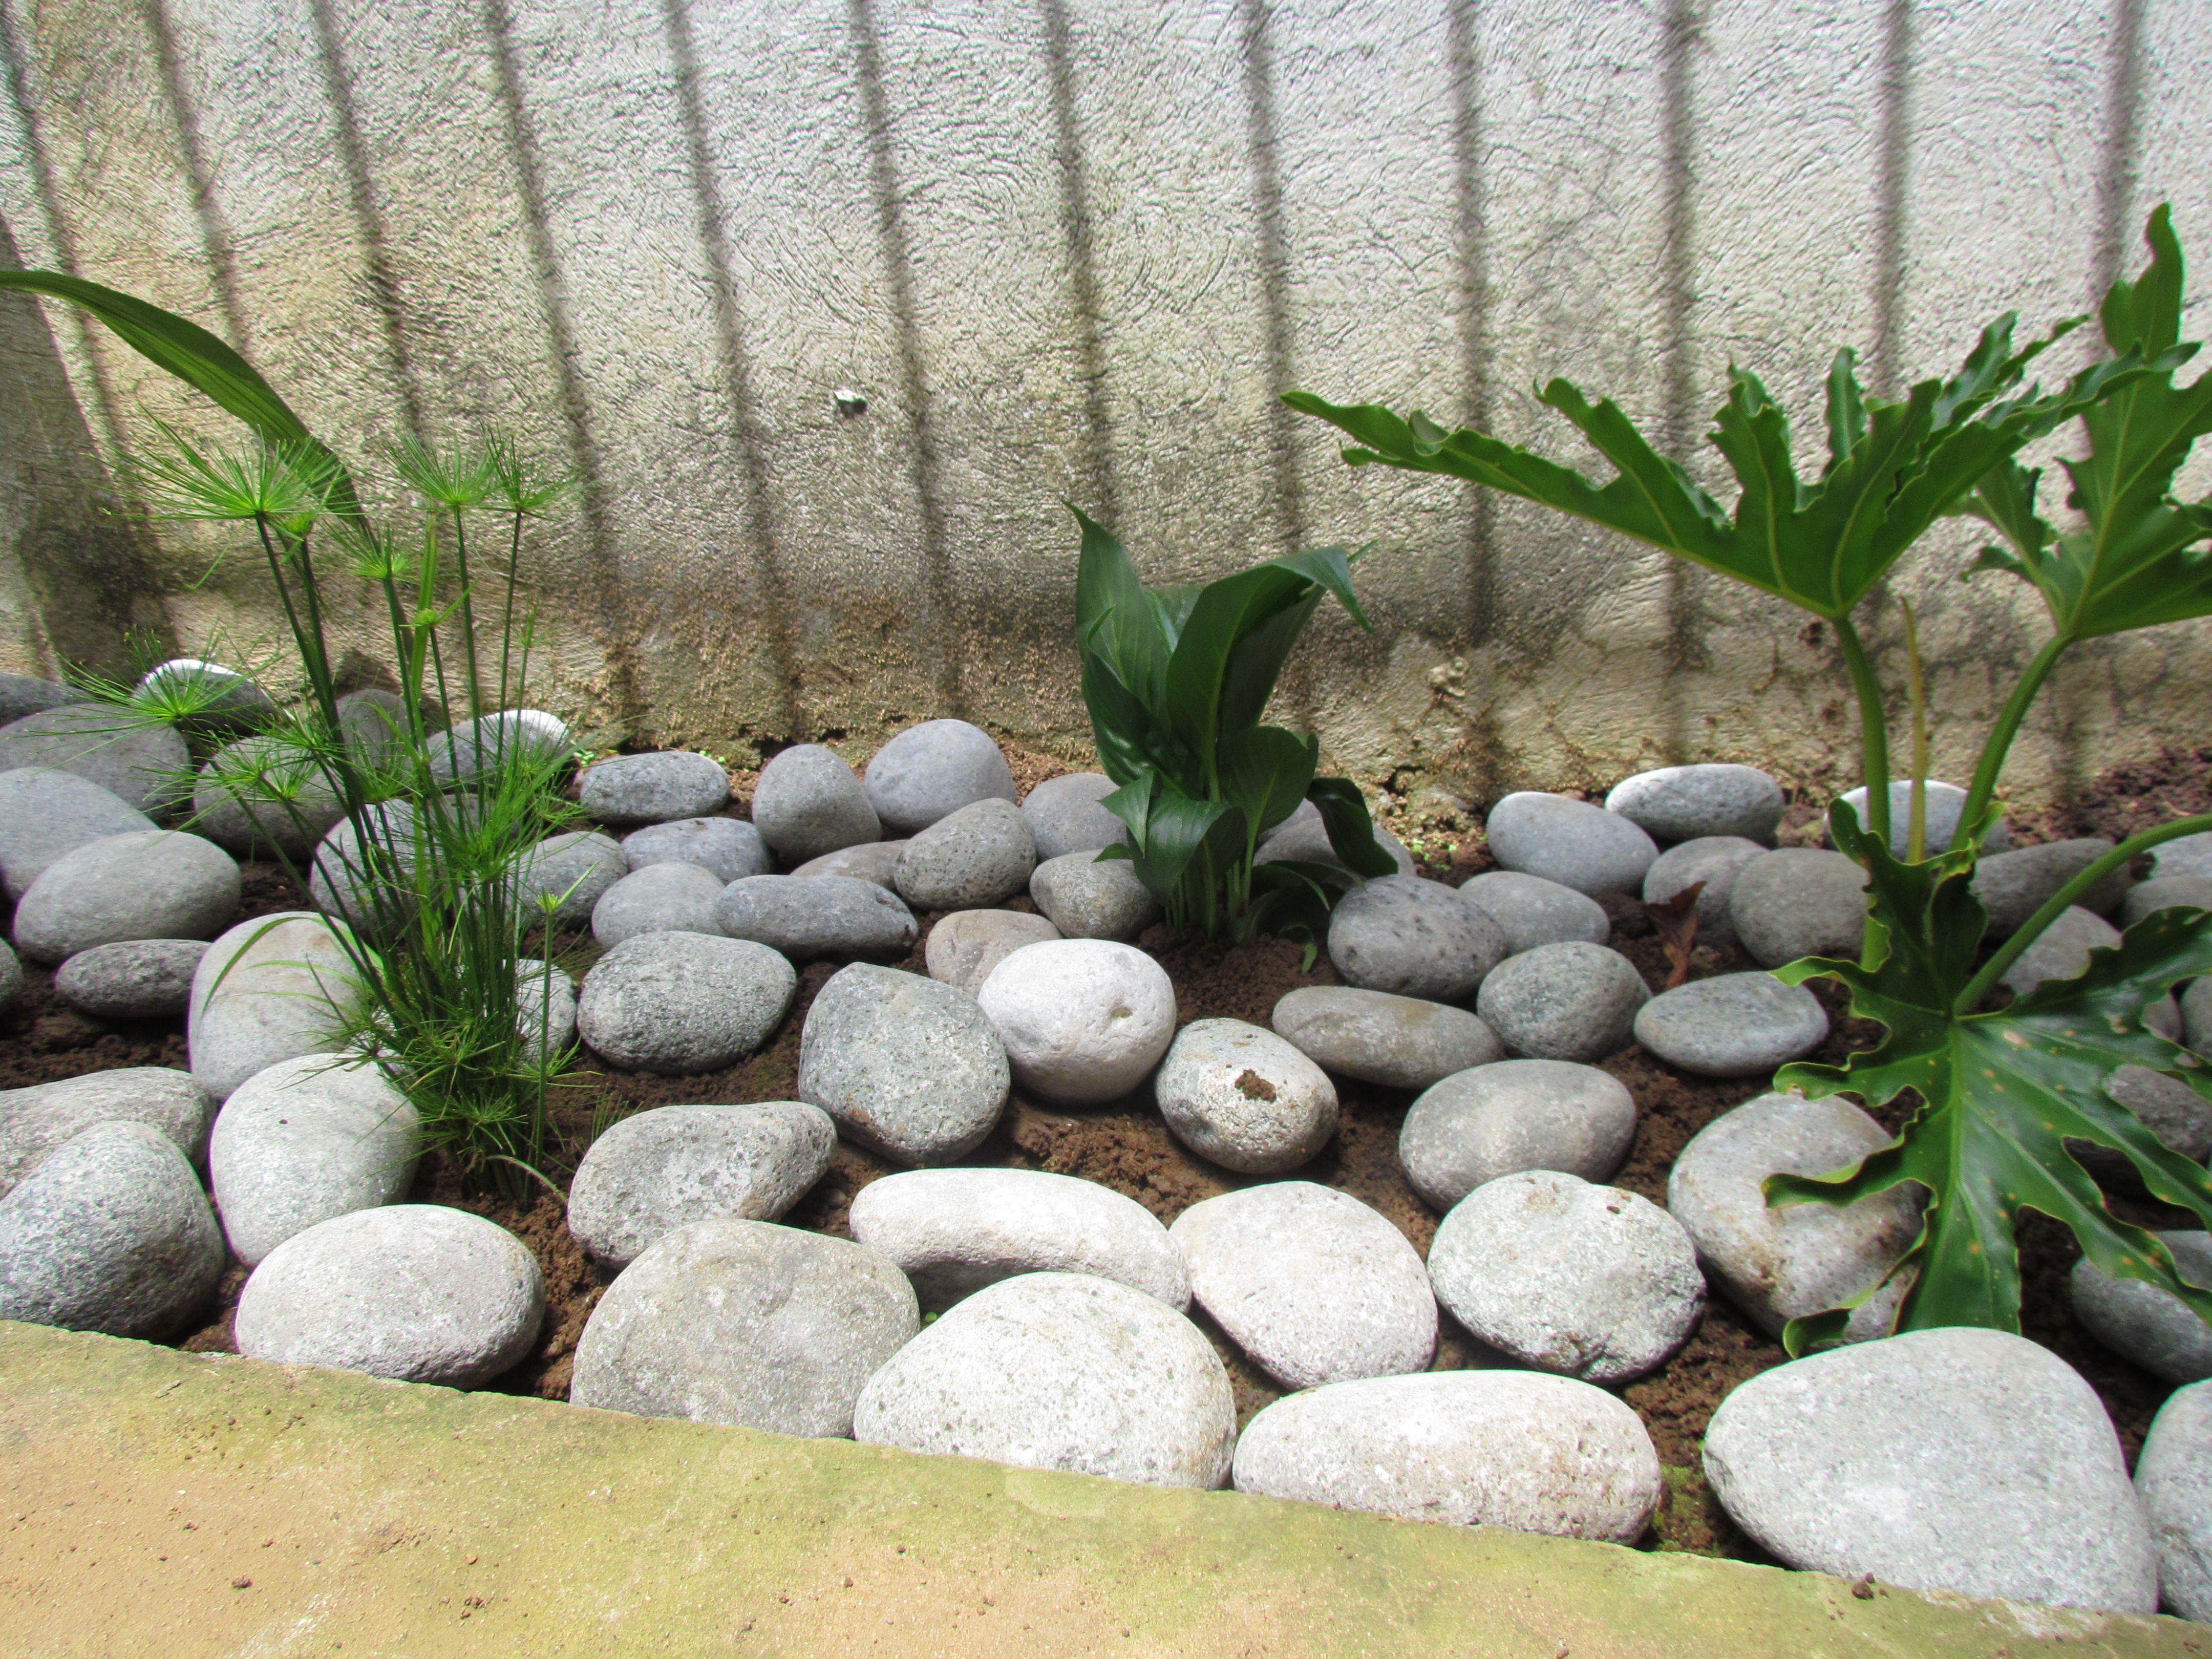 Jard n semi seco listo con las piedras de r o jardines for Jardines decorados con piedras